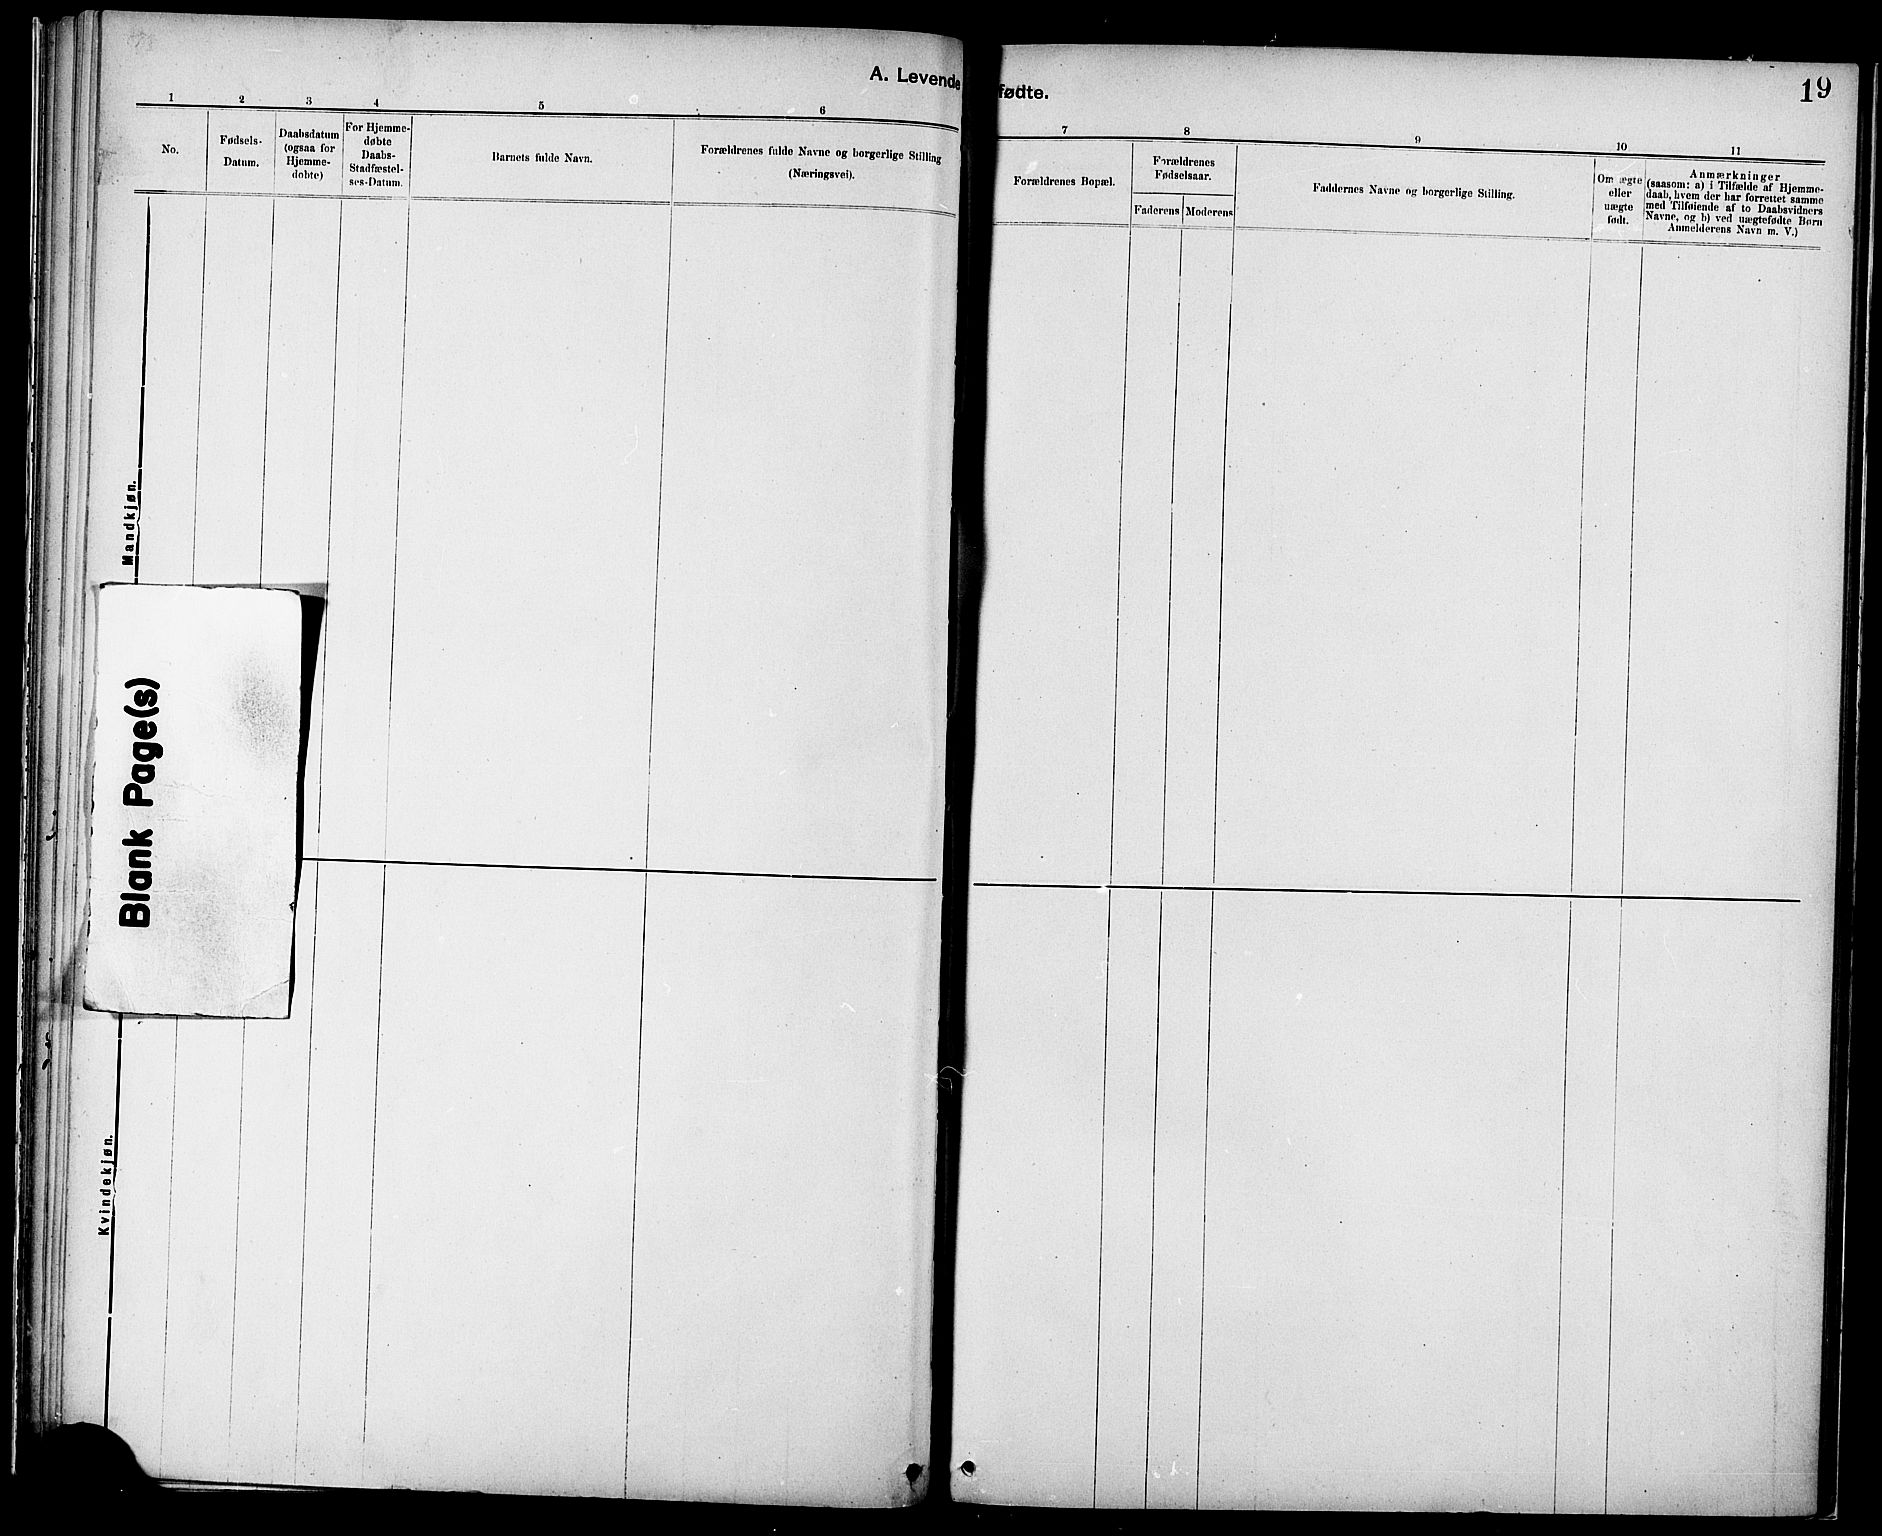 SAT, Ministerialprotokoller, klokkerbøker og fødselsregistre - Sør-Trøndelag, 687/L1003: Ministerialbok nr. 687A09, 1886-1890, s. 19